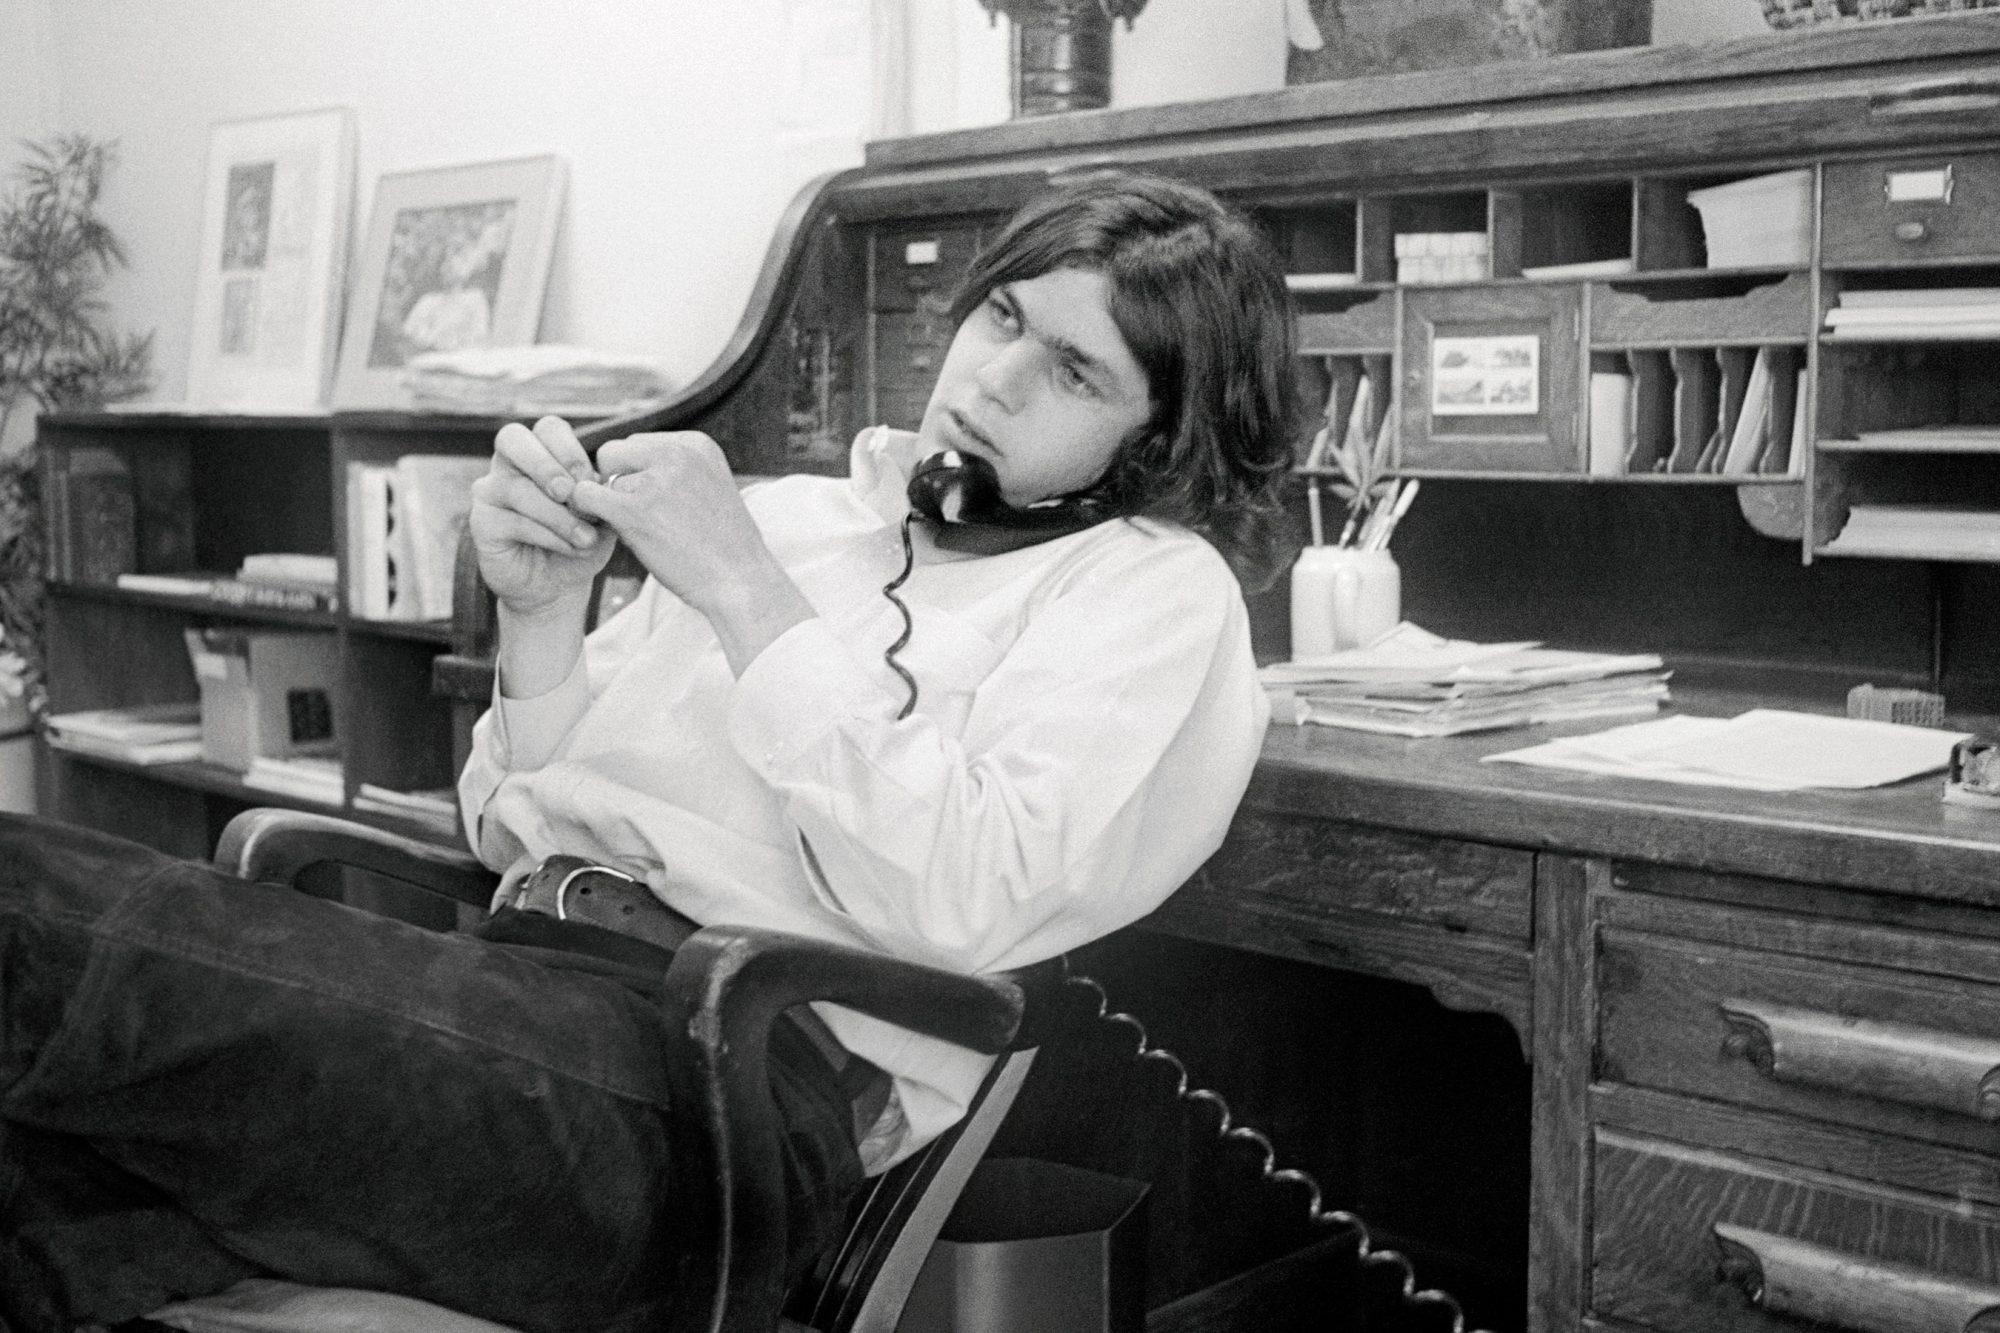 Portrait of Jann Wenner